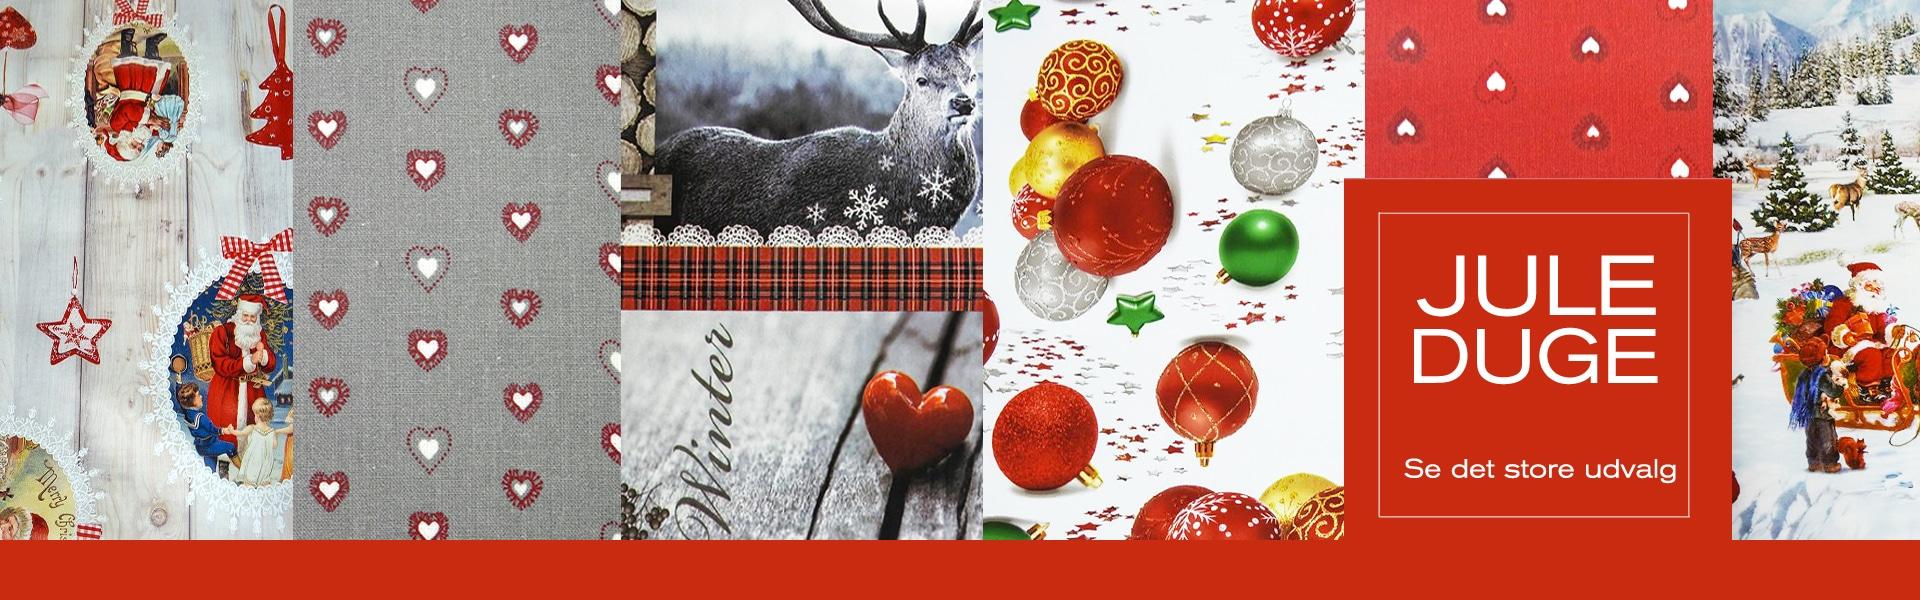 juleduge fra Dugen.dk - stort udvalg af voksduge og tekstil duge